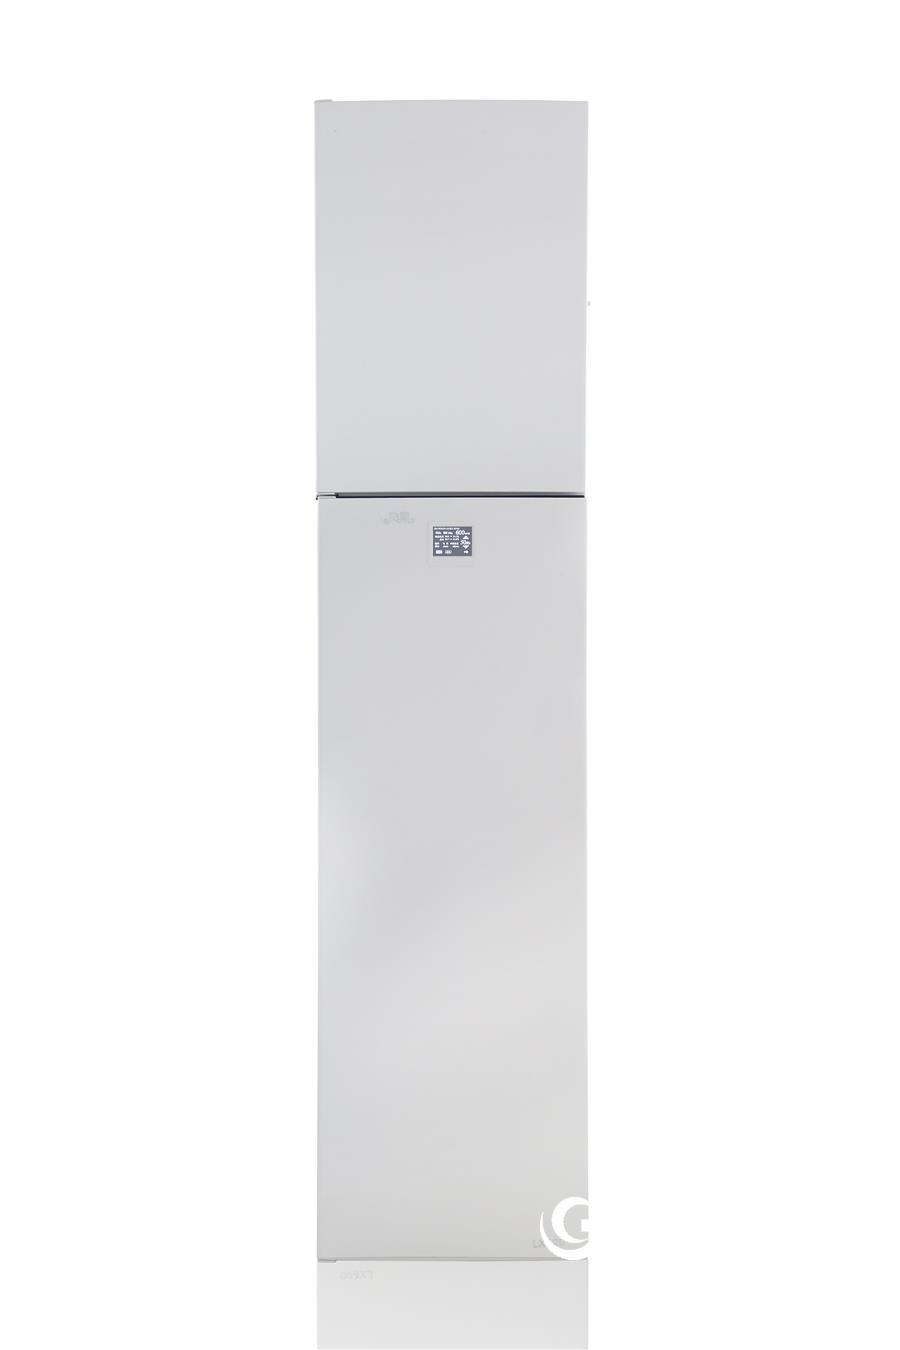 风果新风净化系统FG-G1000